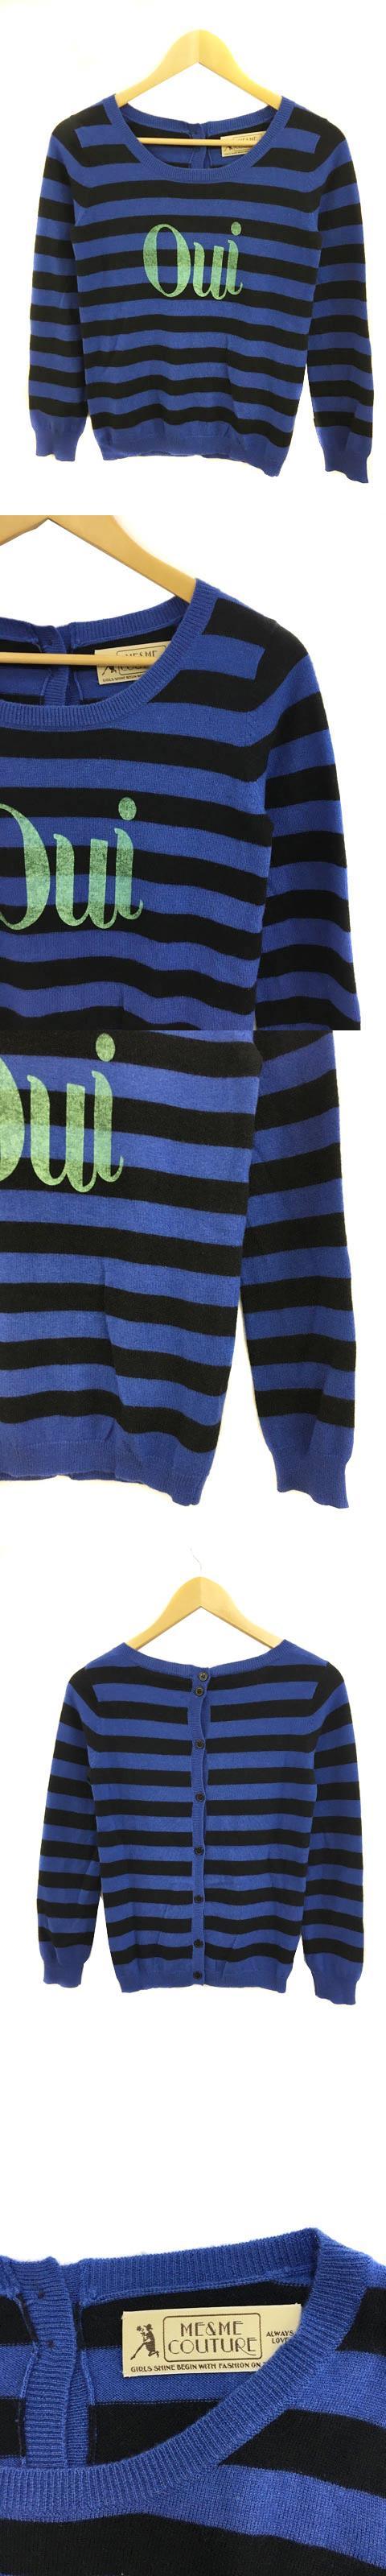 ミーアンドミークチュール ME&ME COUTURE セーター ニット クルーネック ボーダー 英字プリント 長袖 F ウール 黒 青 ブラック ブルー